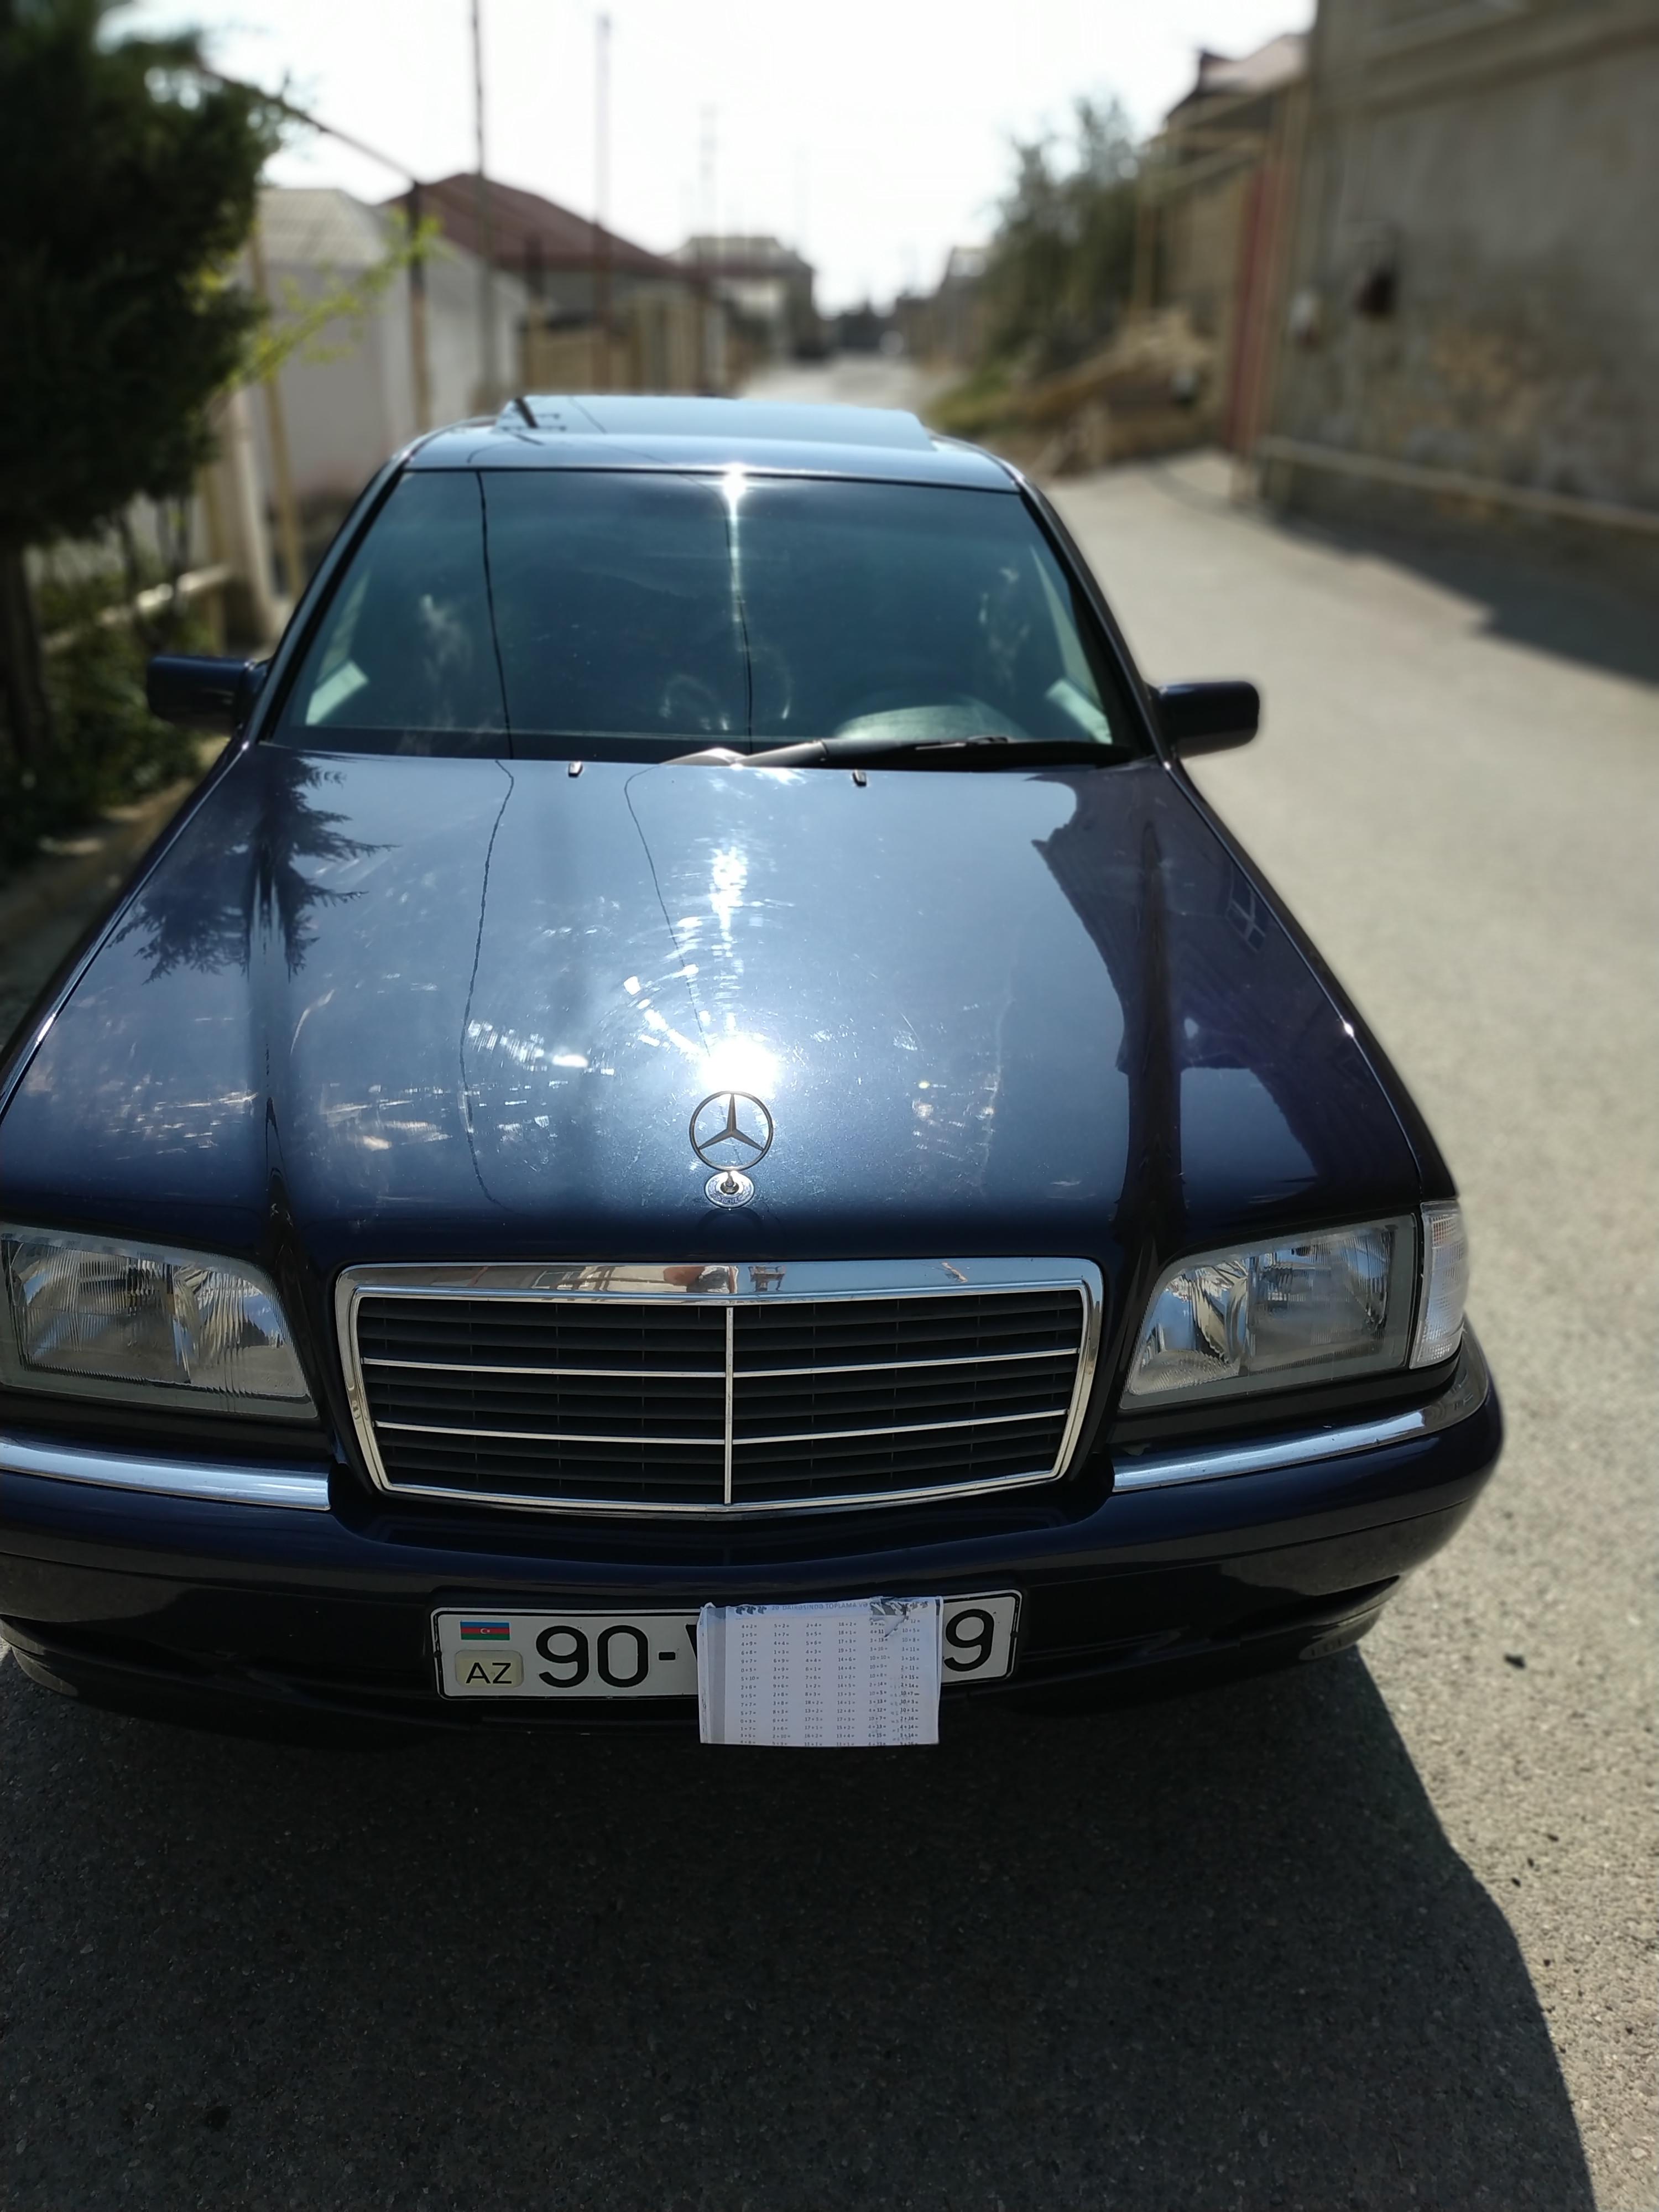 Mercedes-Benz C 180 1.8(lt) 1997 Подержанный  $6400